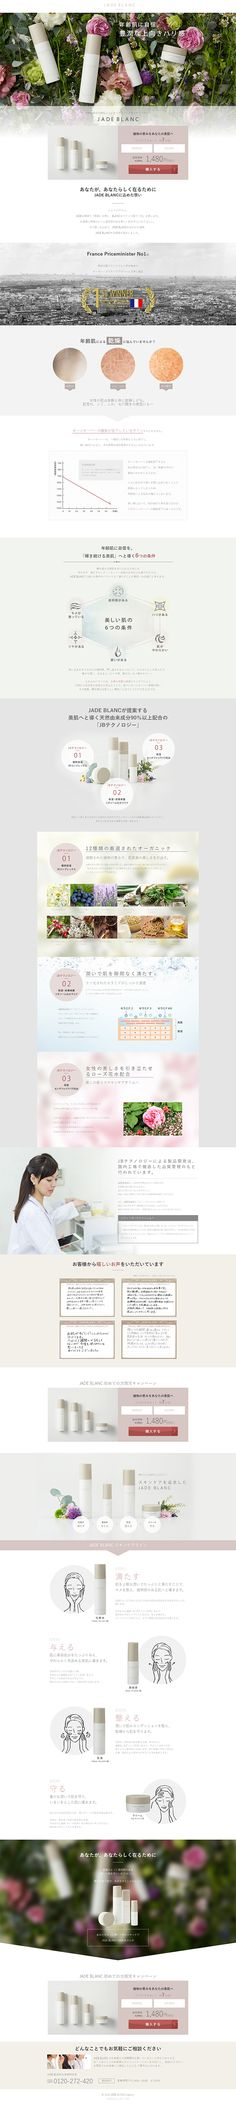 JADE BLANC トライアルキット【スキンケア・美容商品関連】のLPデザイン。WEBデザイナーさん必見!ランディングページのデザイン参考に(キレイ系)